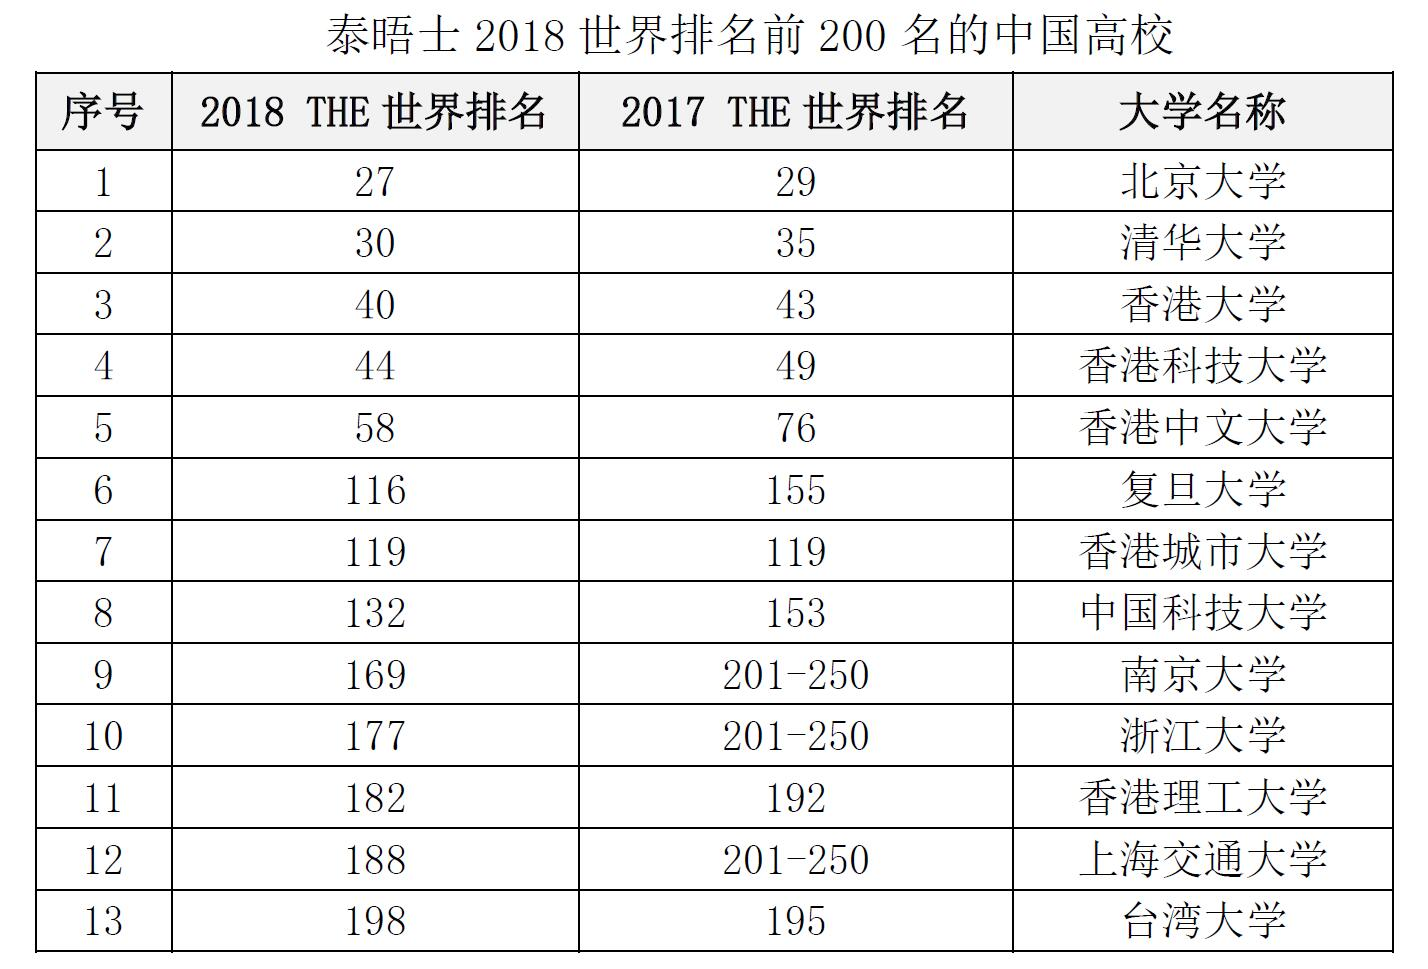 泰晤士报2018年世界大学排名发布 北京大学继